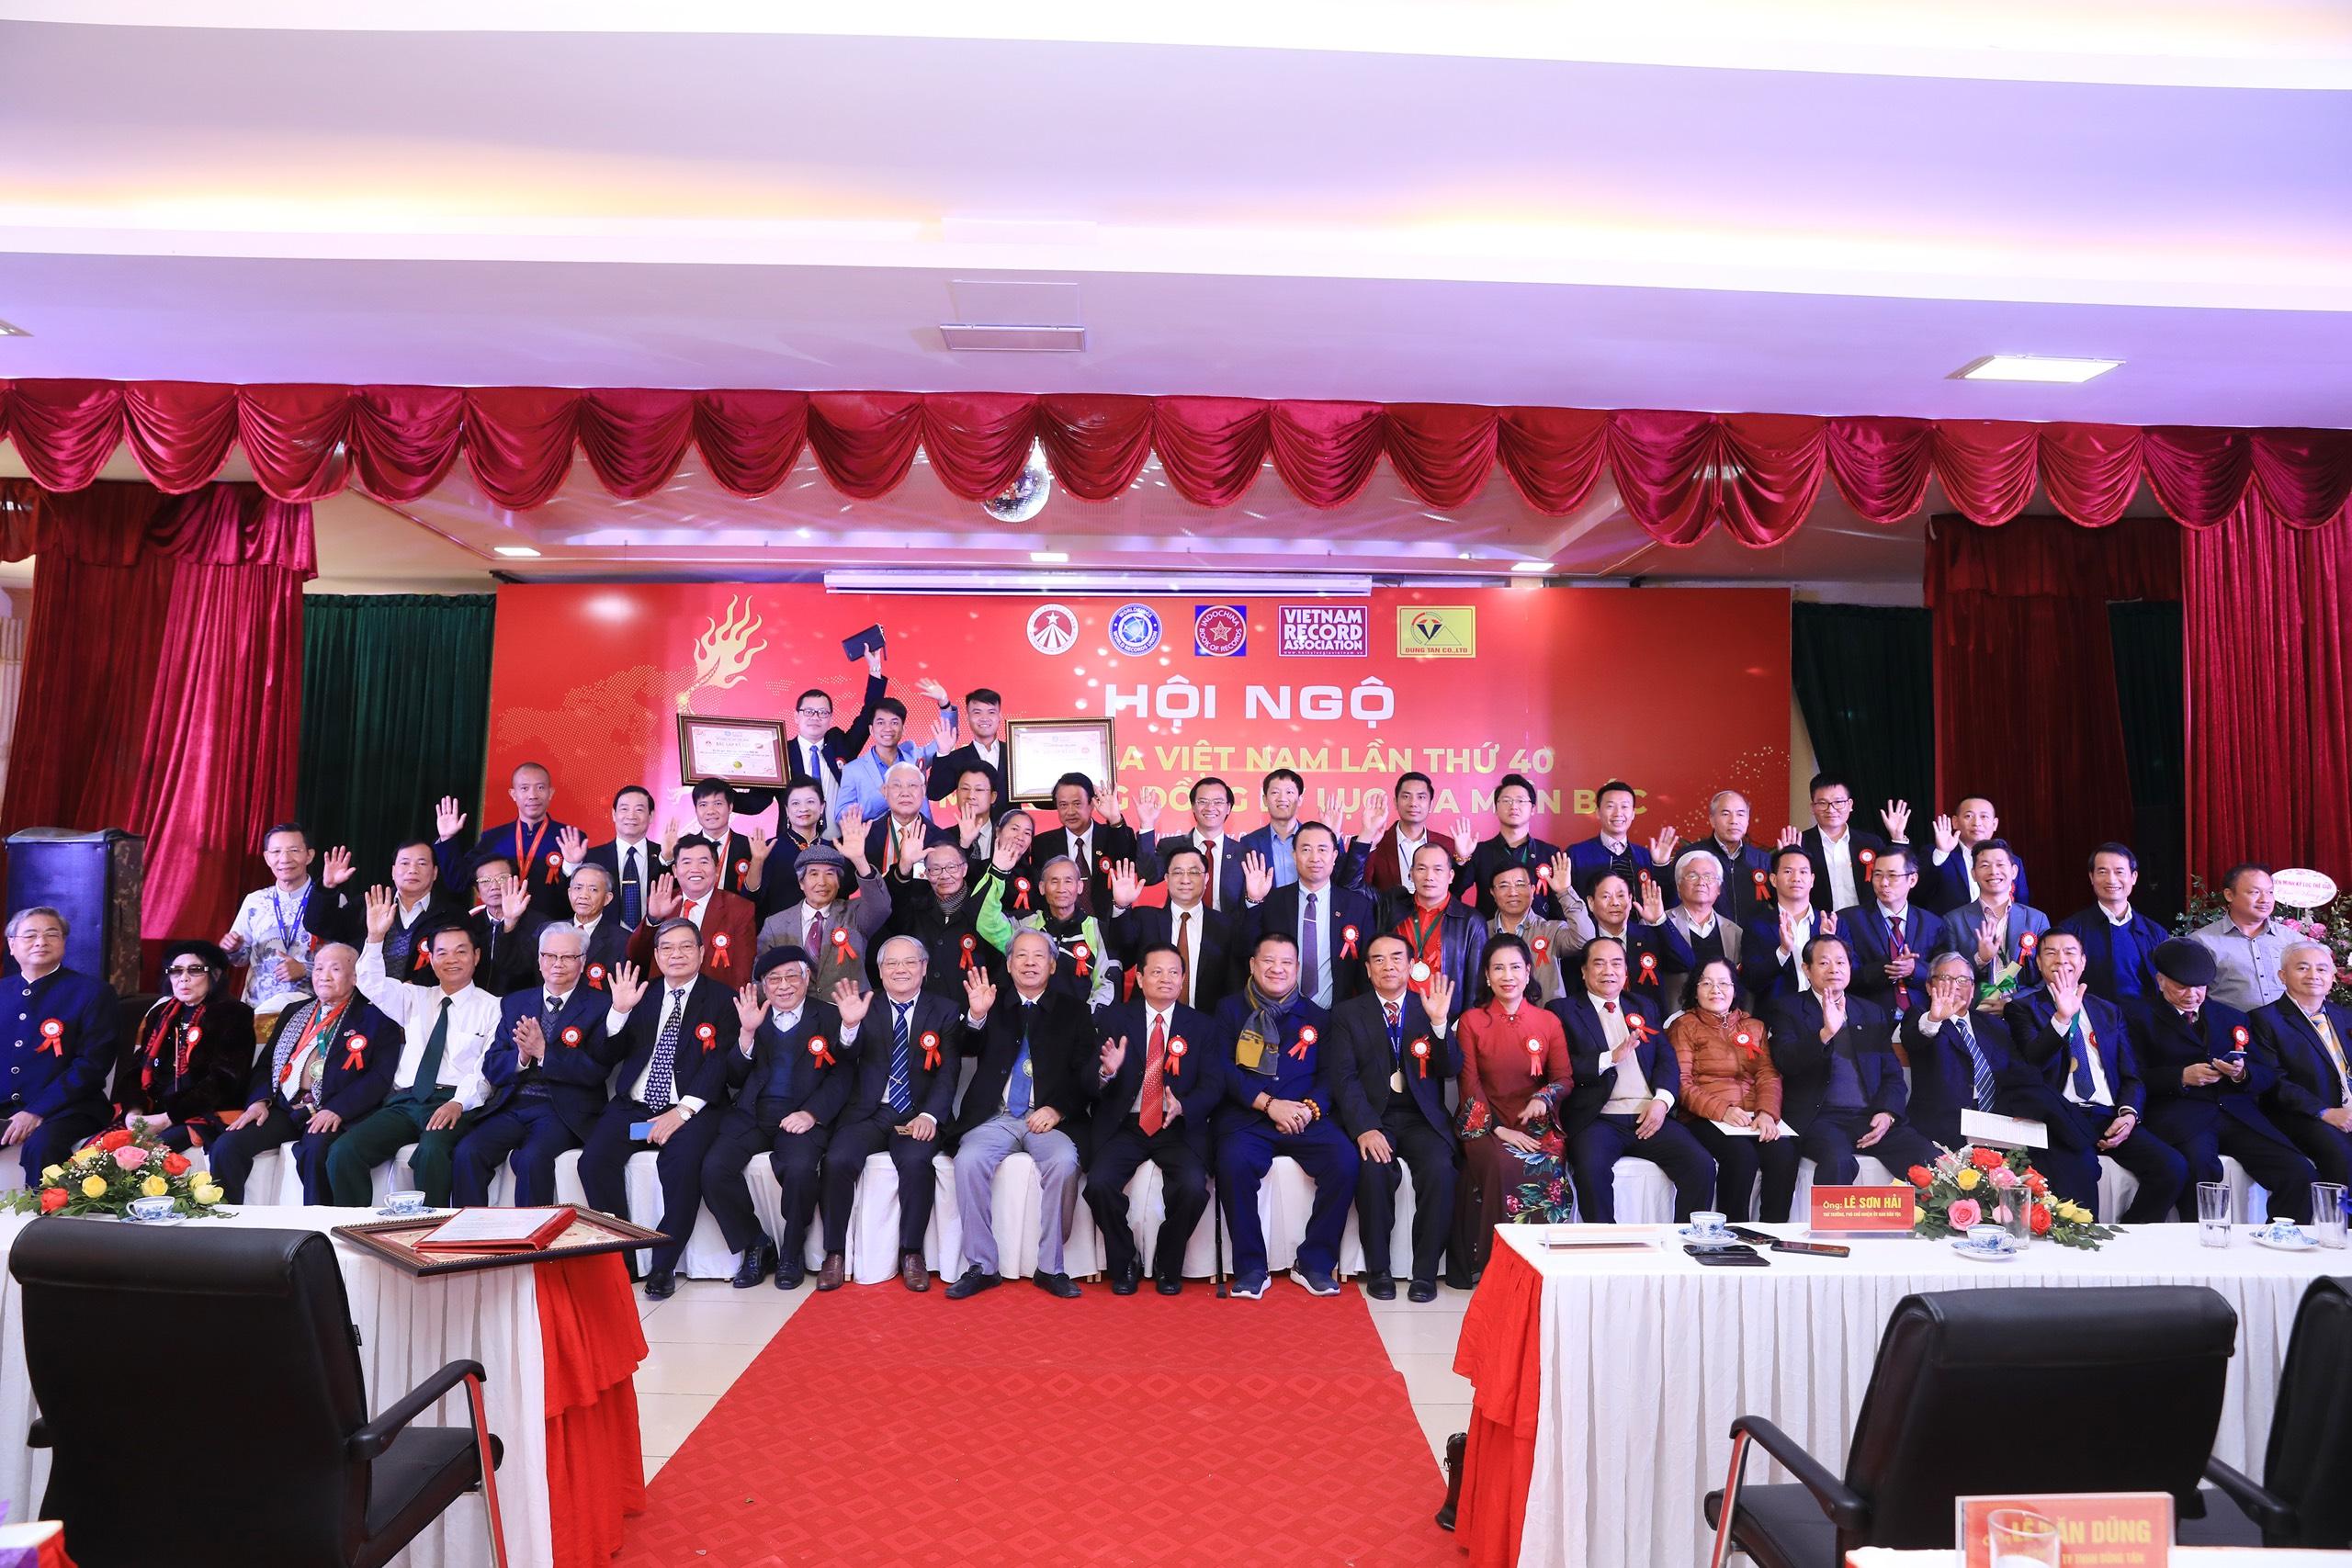 Chương trình Hội ngộ Kỷ lục Gia Việt Nam lần thứ 40 do VP Kỷ lục Miền Bắc phụ trách diễn ra vào tháng 12/2020 tại Khu du lịch sinh thái Dũng Tân thành công, để lại nhiều ấn tượng khó phai.